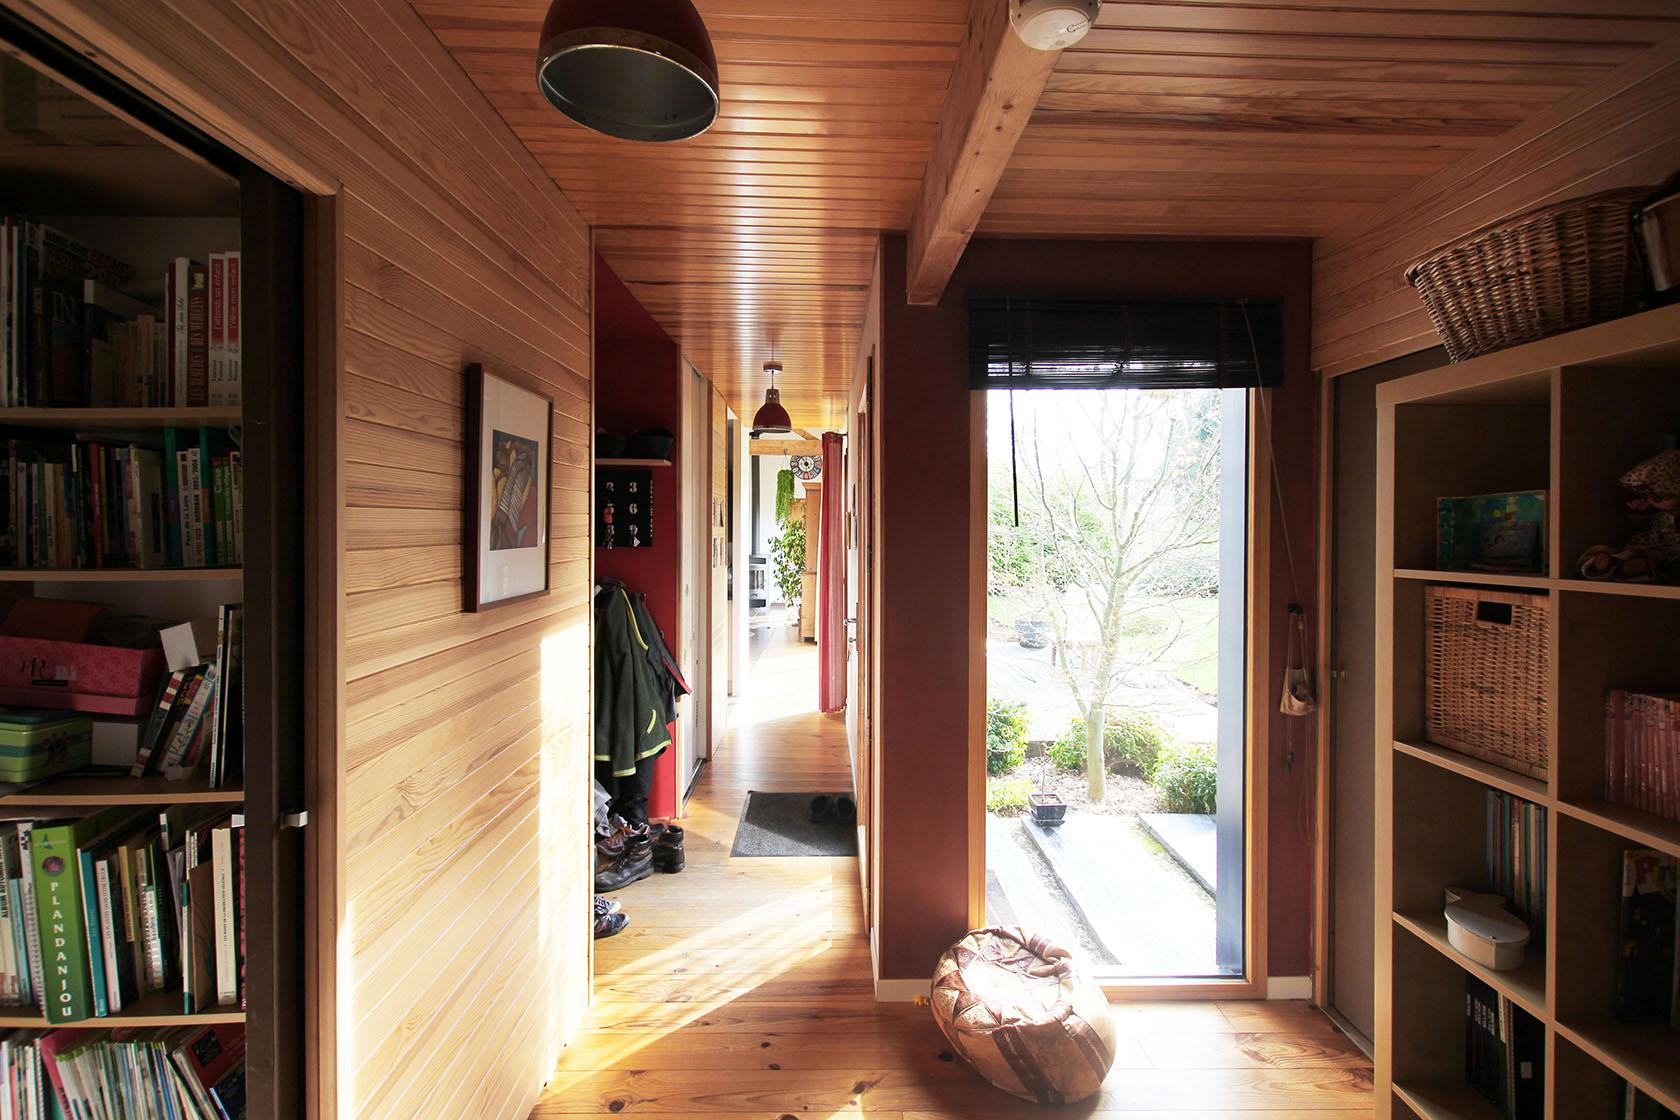 maison saint fiacre entre sols. Black Bedroom Furniture Sets. Home Design Ideas